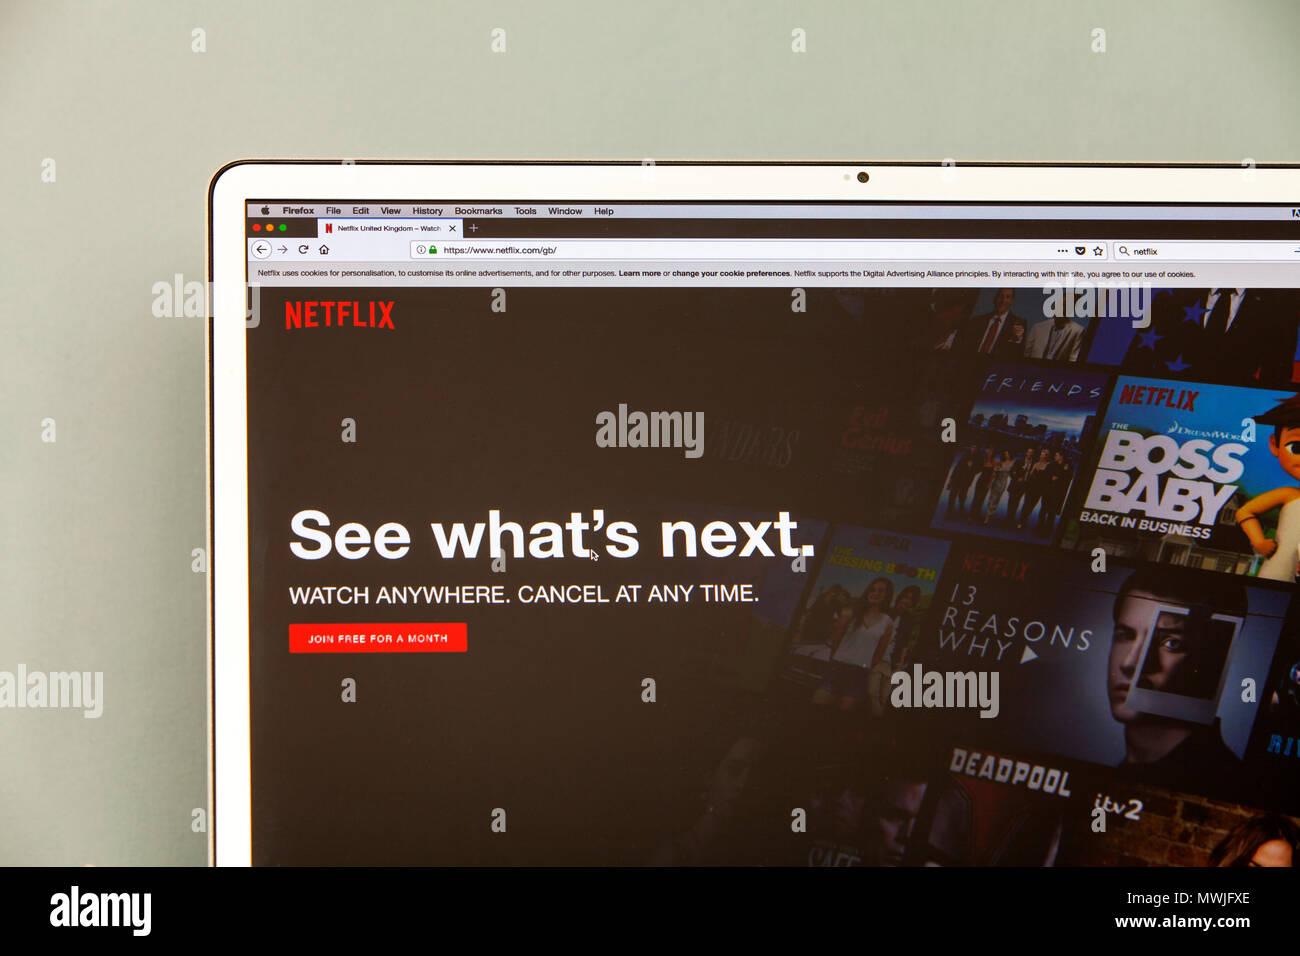 Homepage Netflix.com, Netflix, Netflix, servicio de streaming de películas de Netflix, Netflix, la pantalla del logotipo de Netflix, Netflix películas y shows online, Netflix online Imagen De Stock